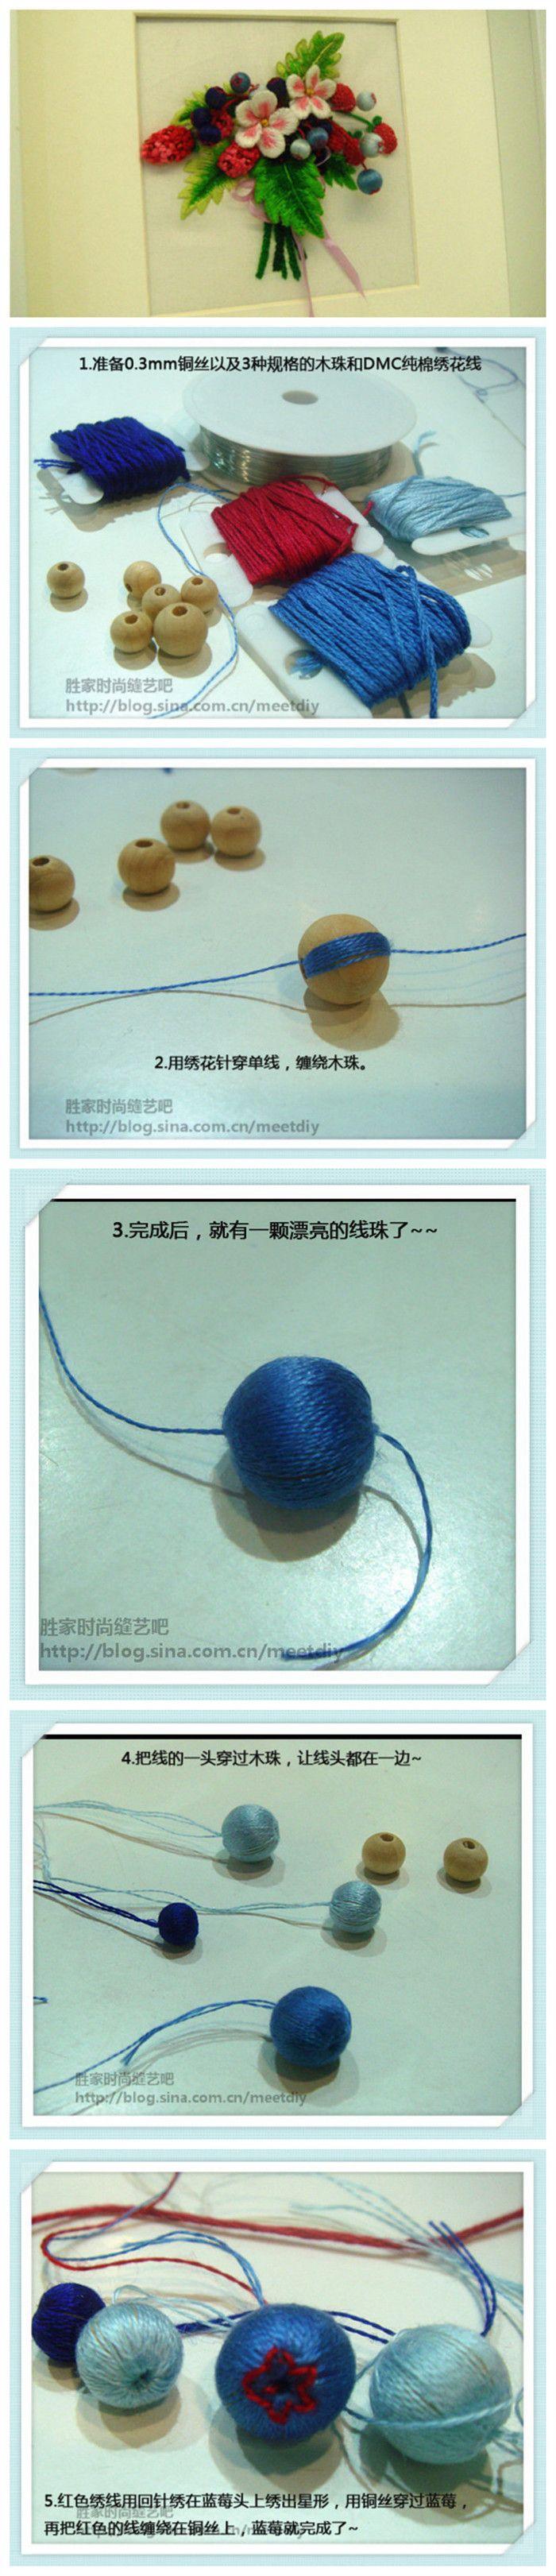 立体刺绣教程(三)蓝莓 ,形象生动的蓝莓,制作其实很简单,只是需要点时间和耐心~蓝莓就完成了~您也试一试吧~